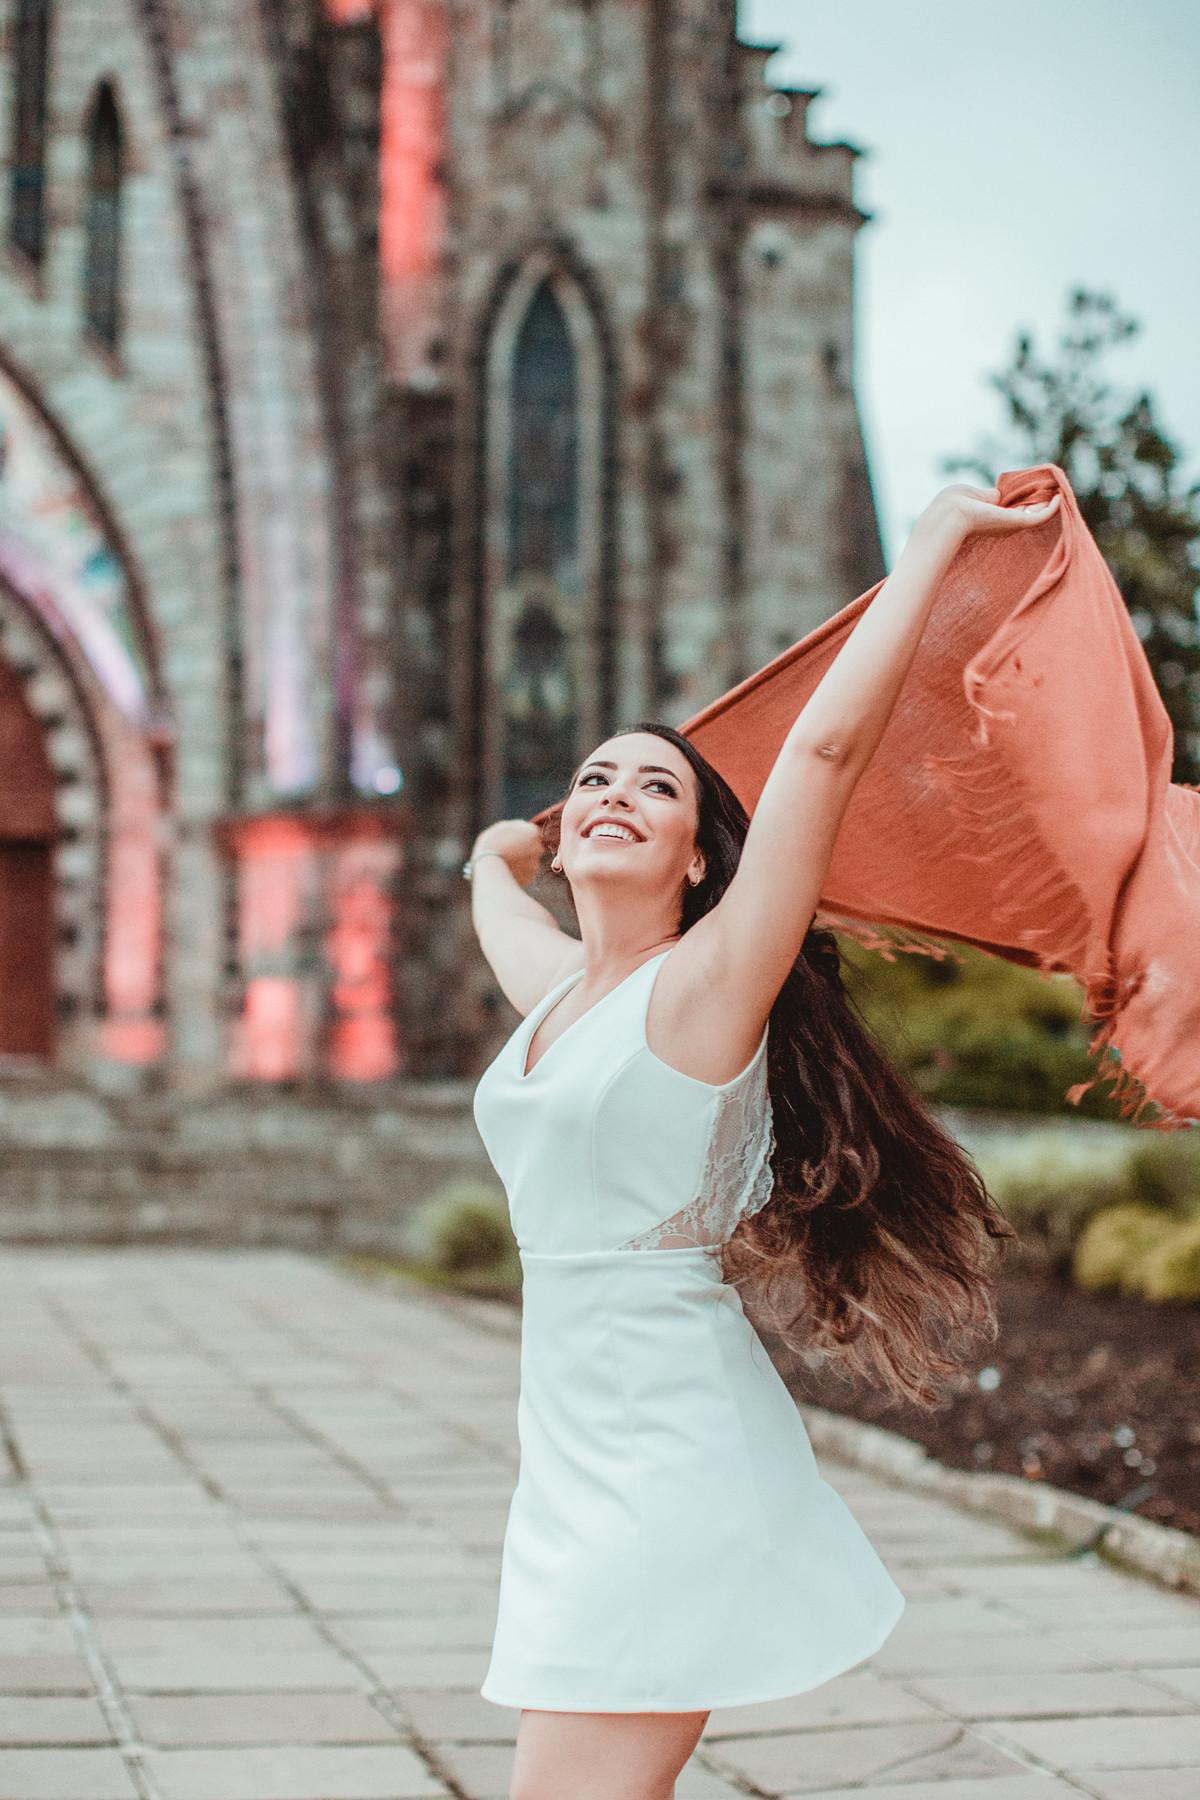 Noiva se divertindo na frente da igreja matriz de Canela-RS. Foto feita pelo fotógrafo de casamento Rafael Ohana